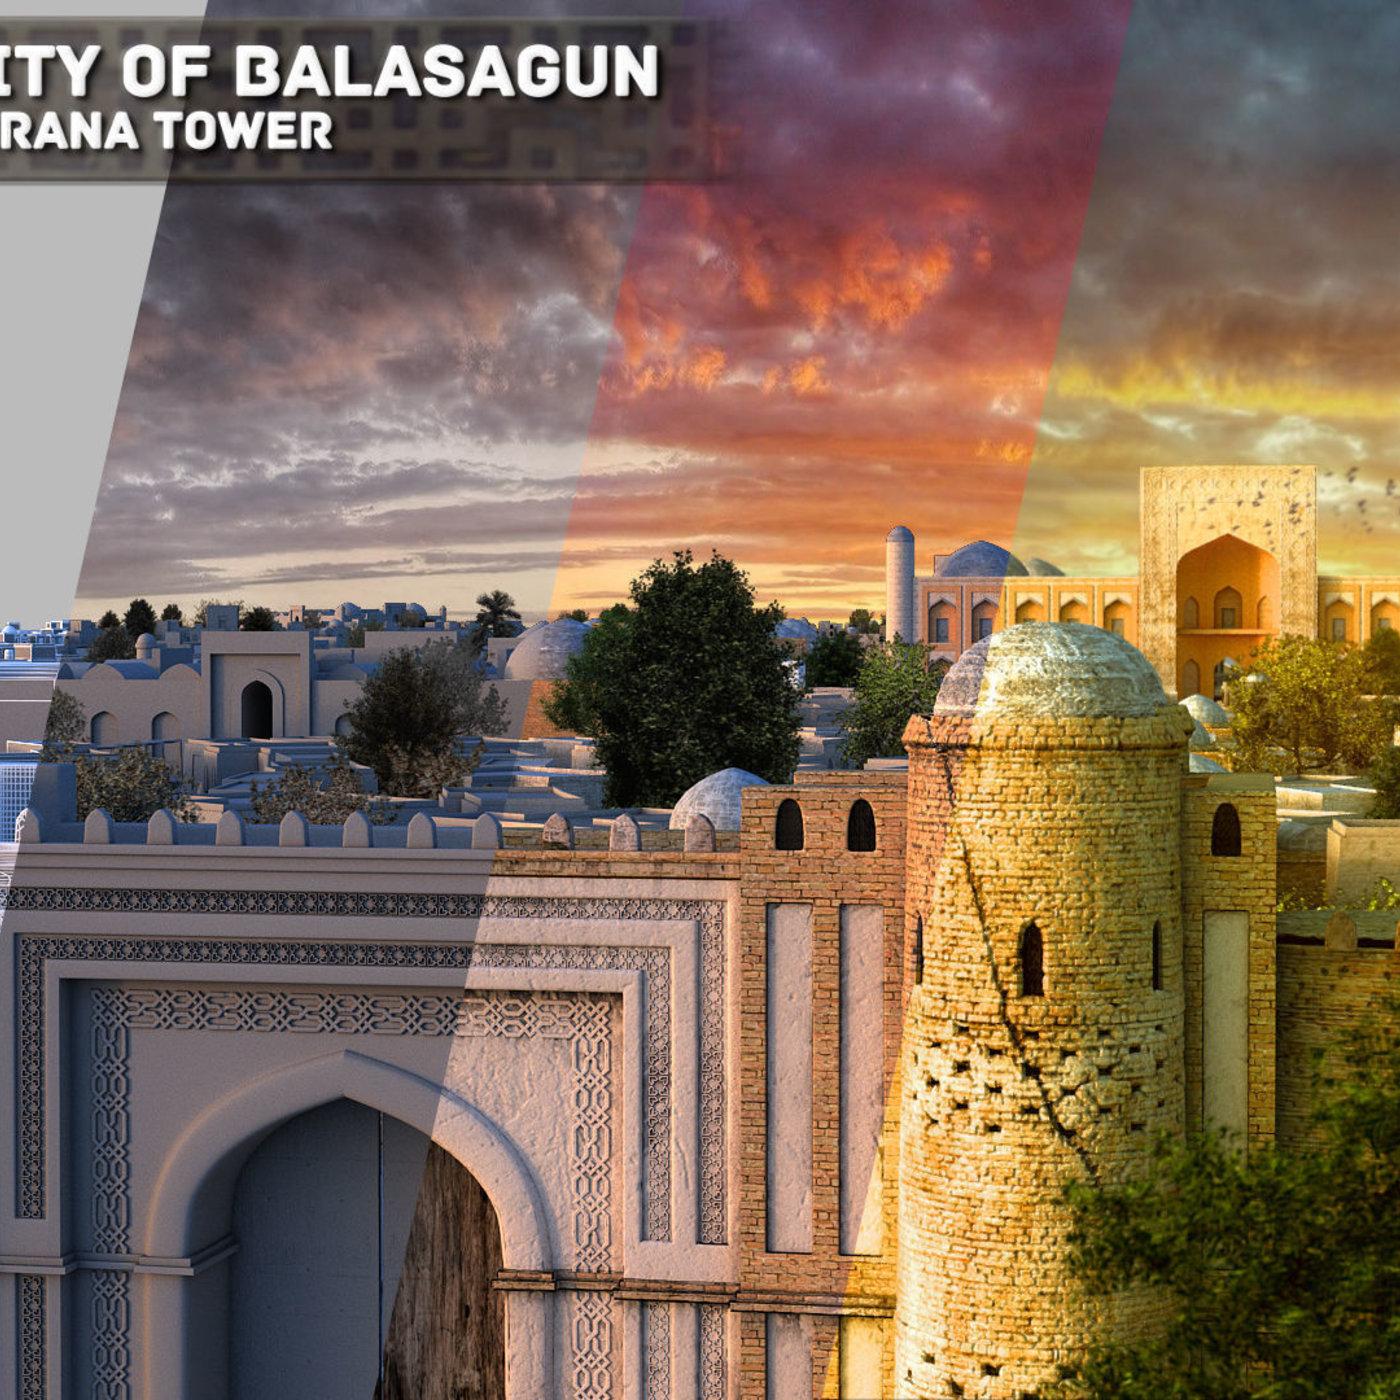 City of Balasagun and Burana tower - artist's reconstruction.